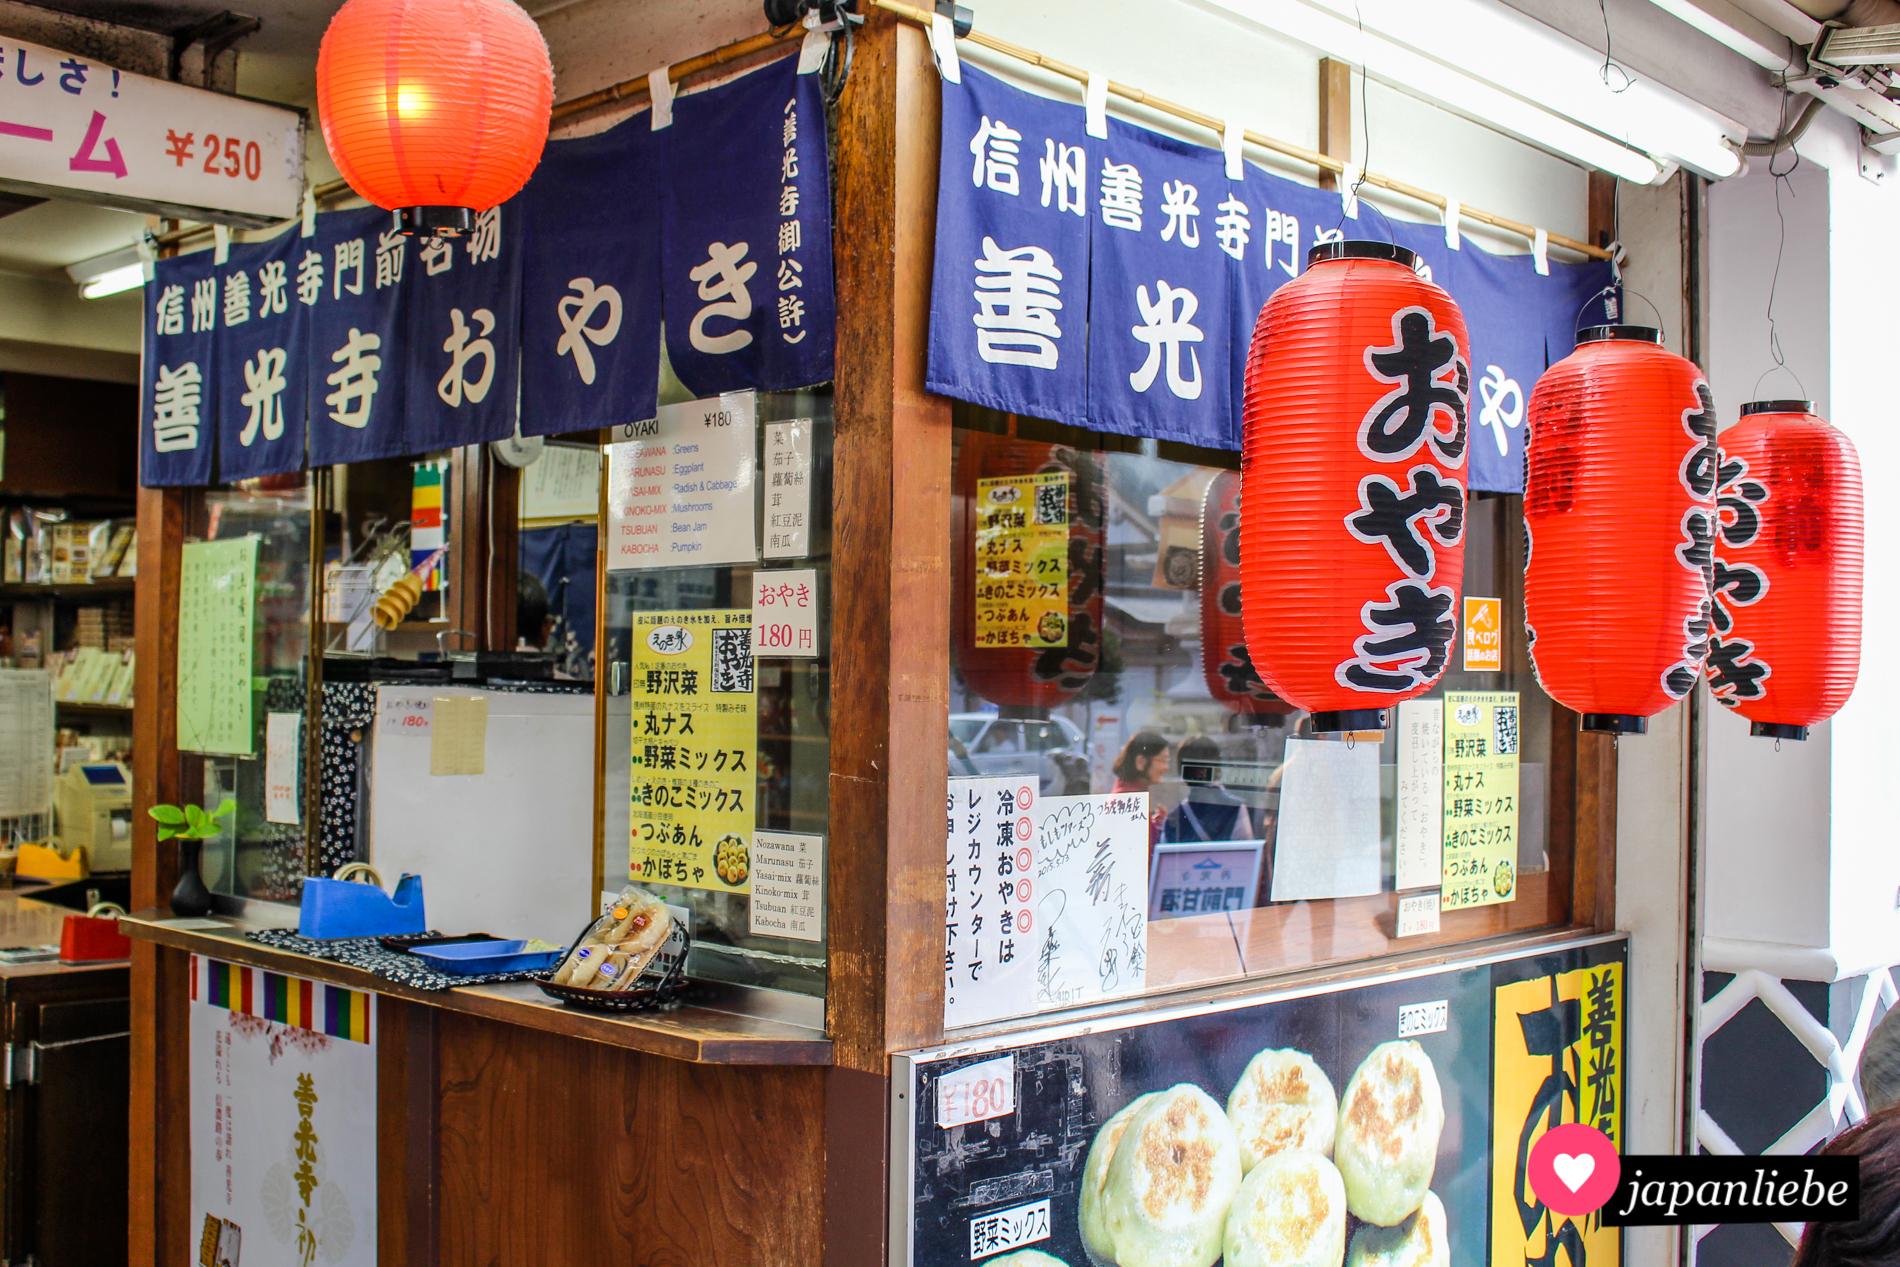 Gefüllte Teigtaschen sind eine Spezialität in Nagano.